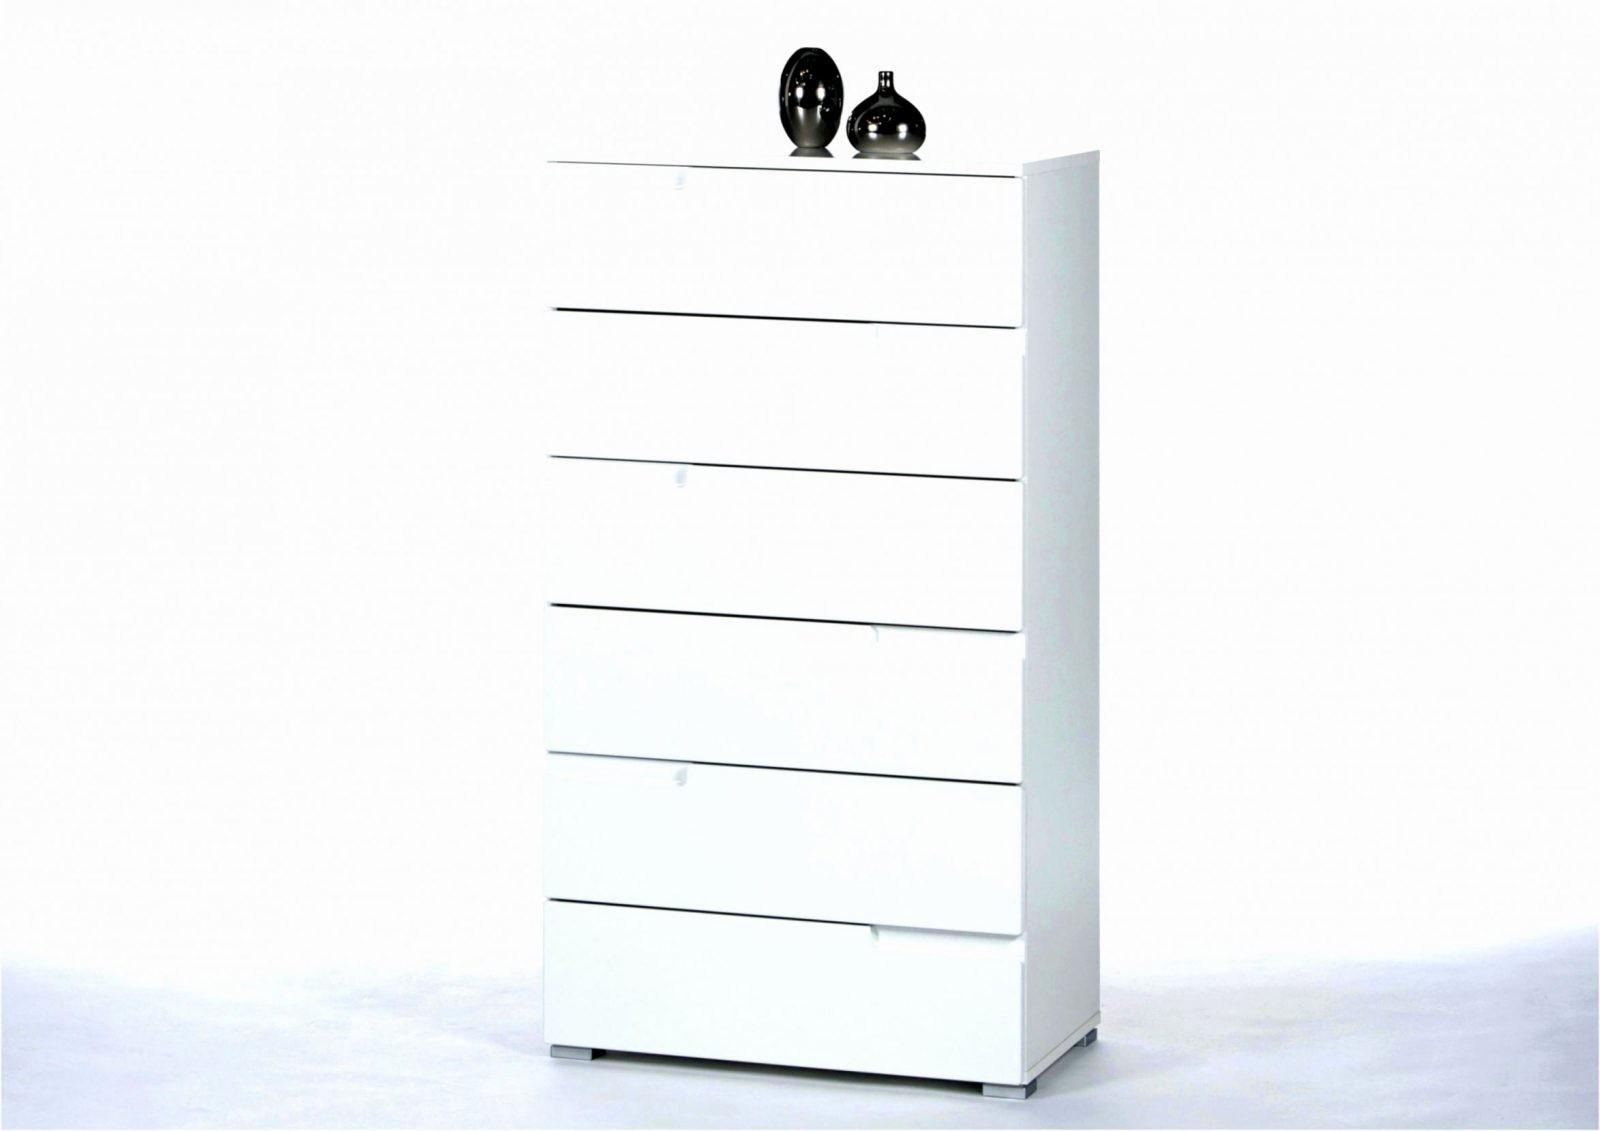 57 Einzigartig Bilder Von Waschbeckenunterschrank 40 Cm Breit  Haus von Waschbeckenunterschrank 40 Cm Breit Bild